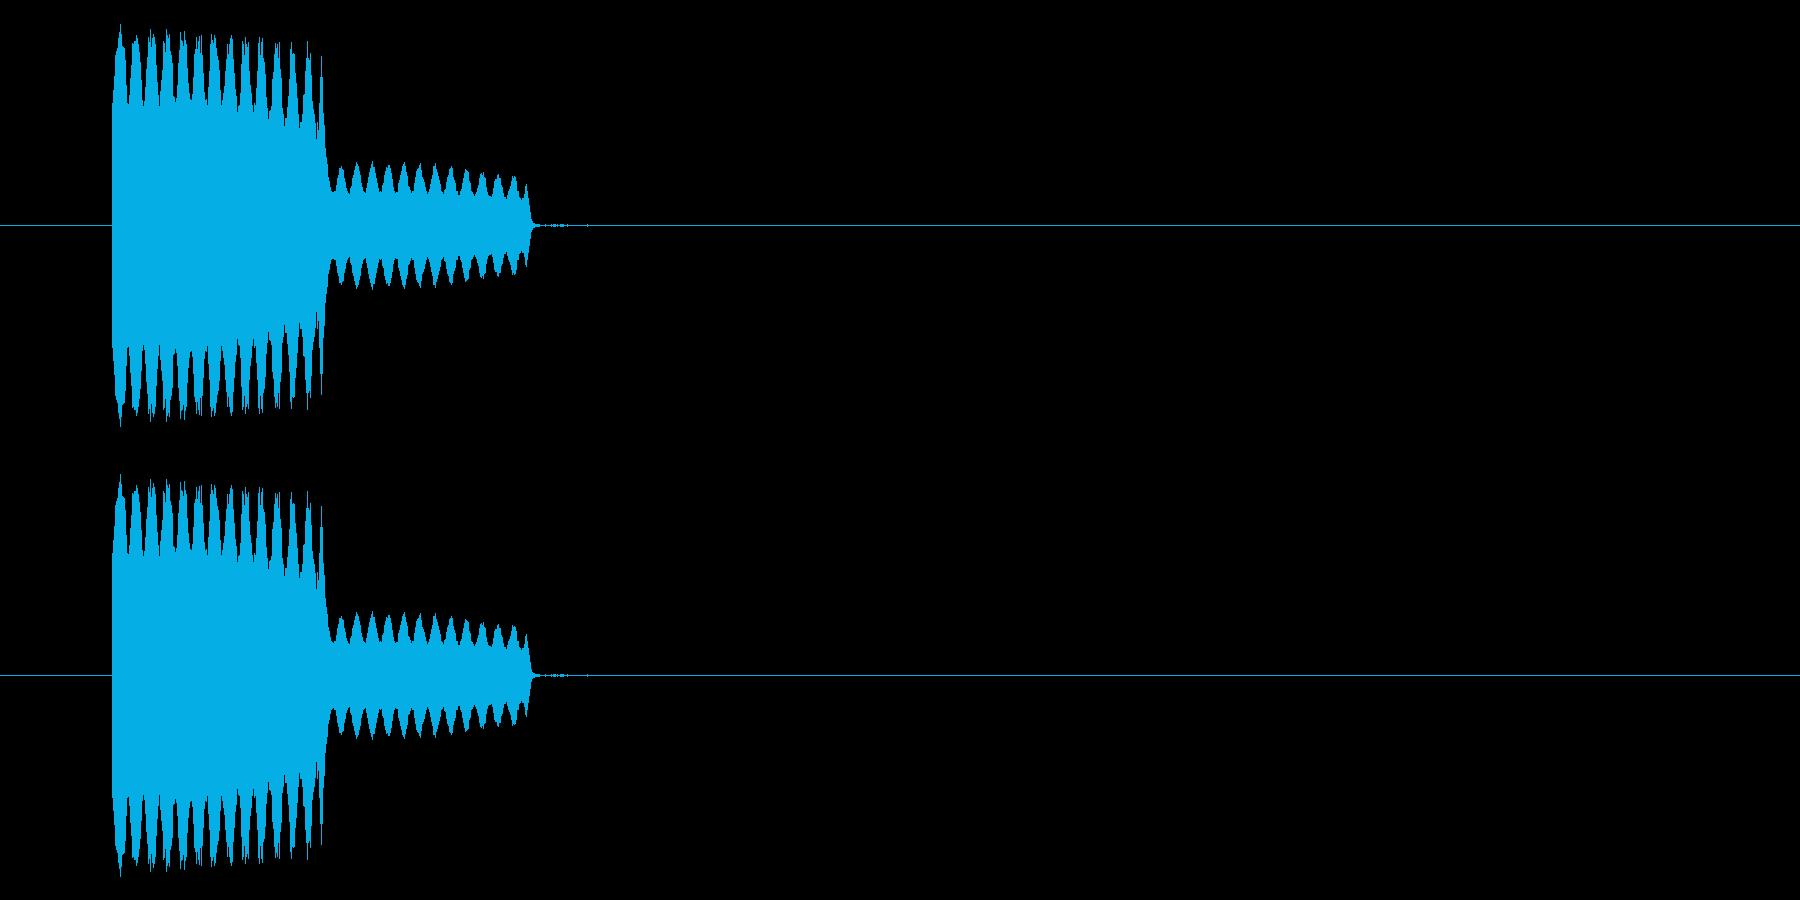 【GB 汎用02-04(ピッチ)】 の再生済みの波形